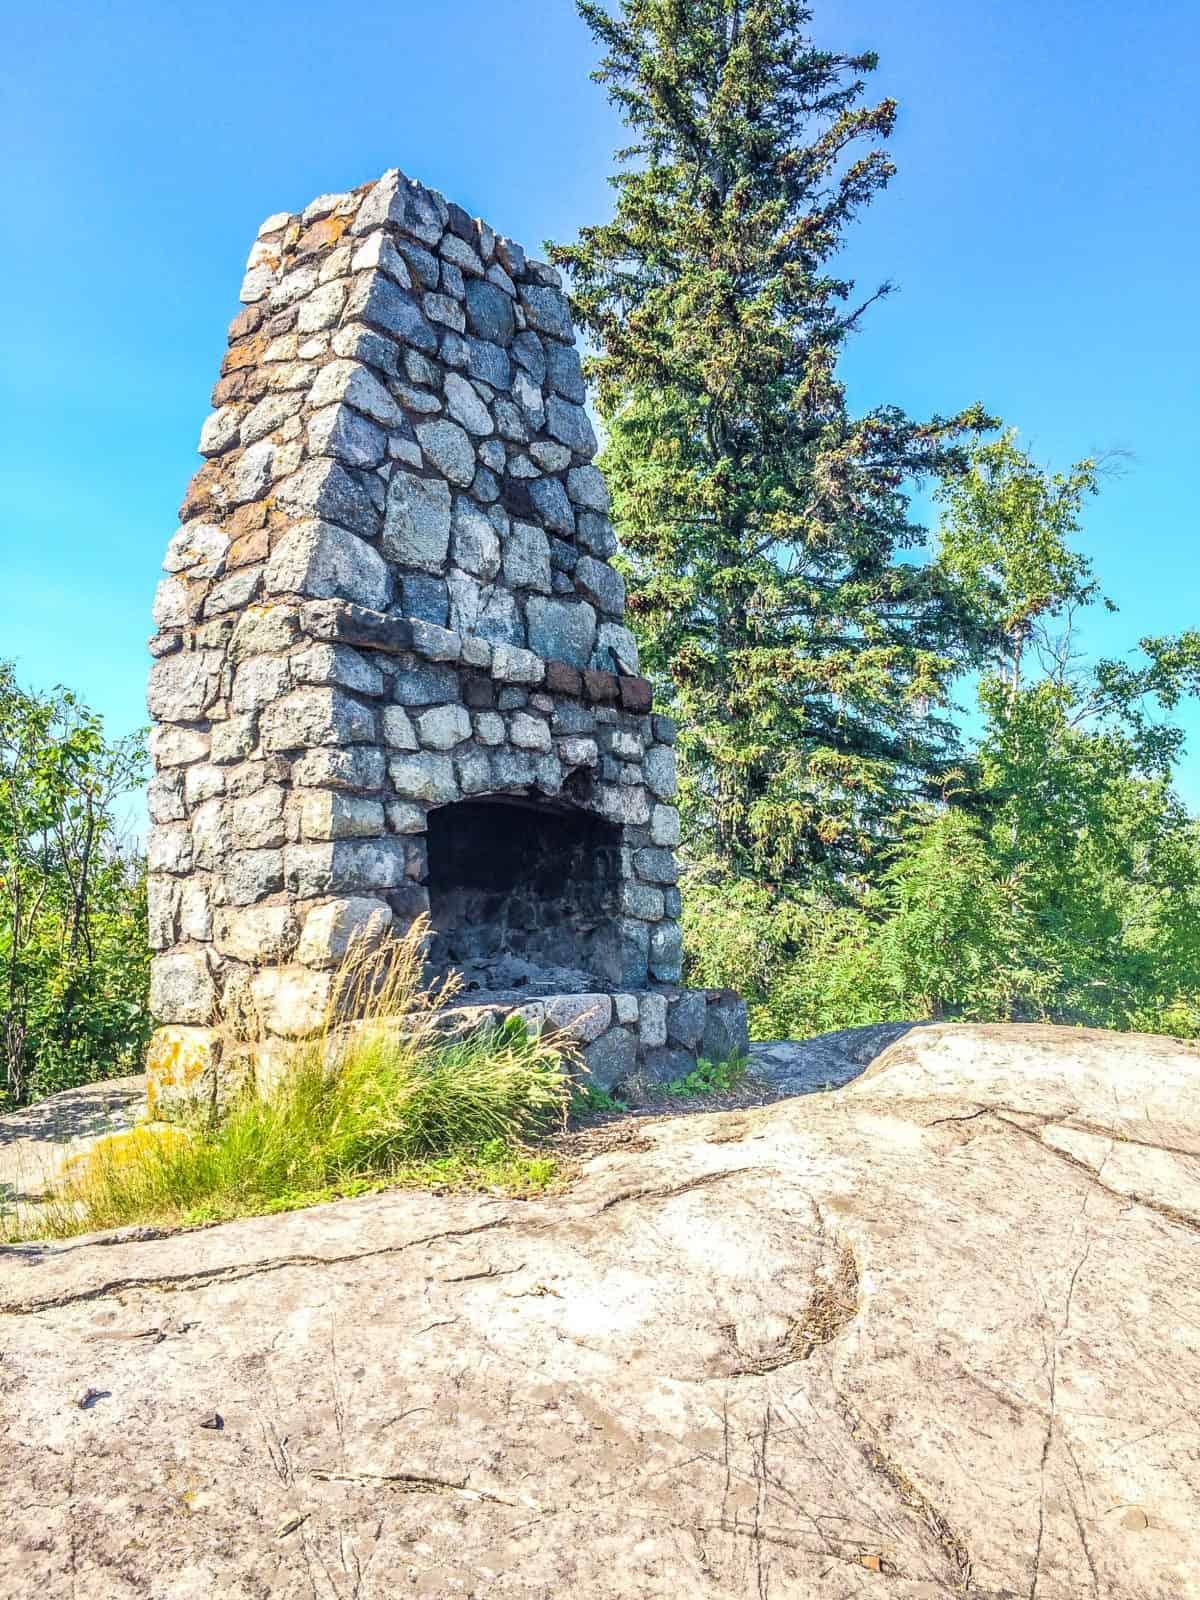 Split Rock Lighthouse State Park Stone Fireplace on Day Hill